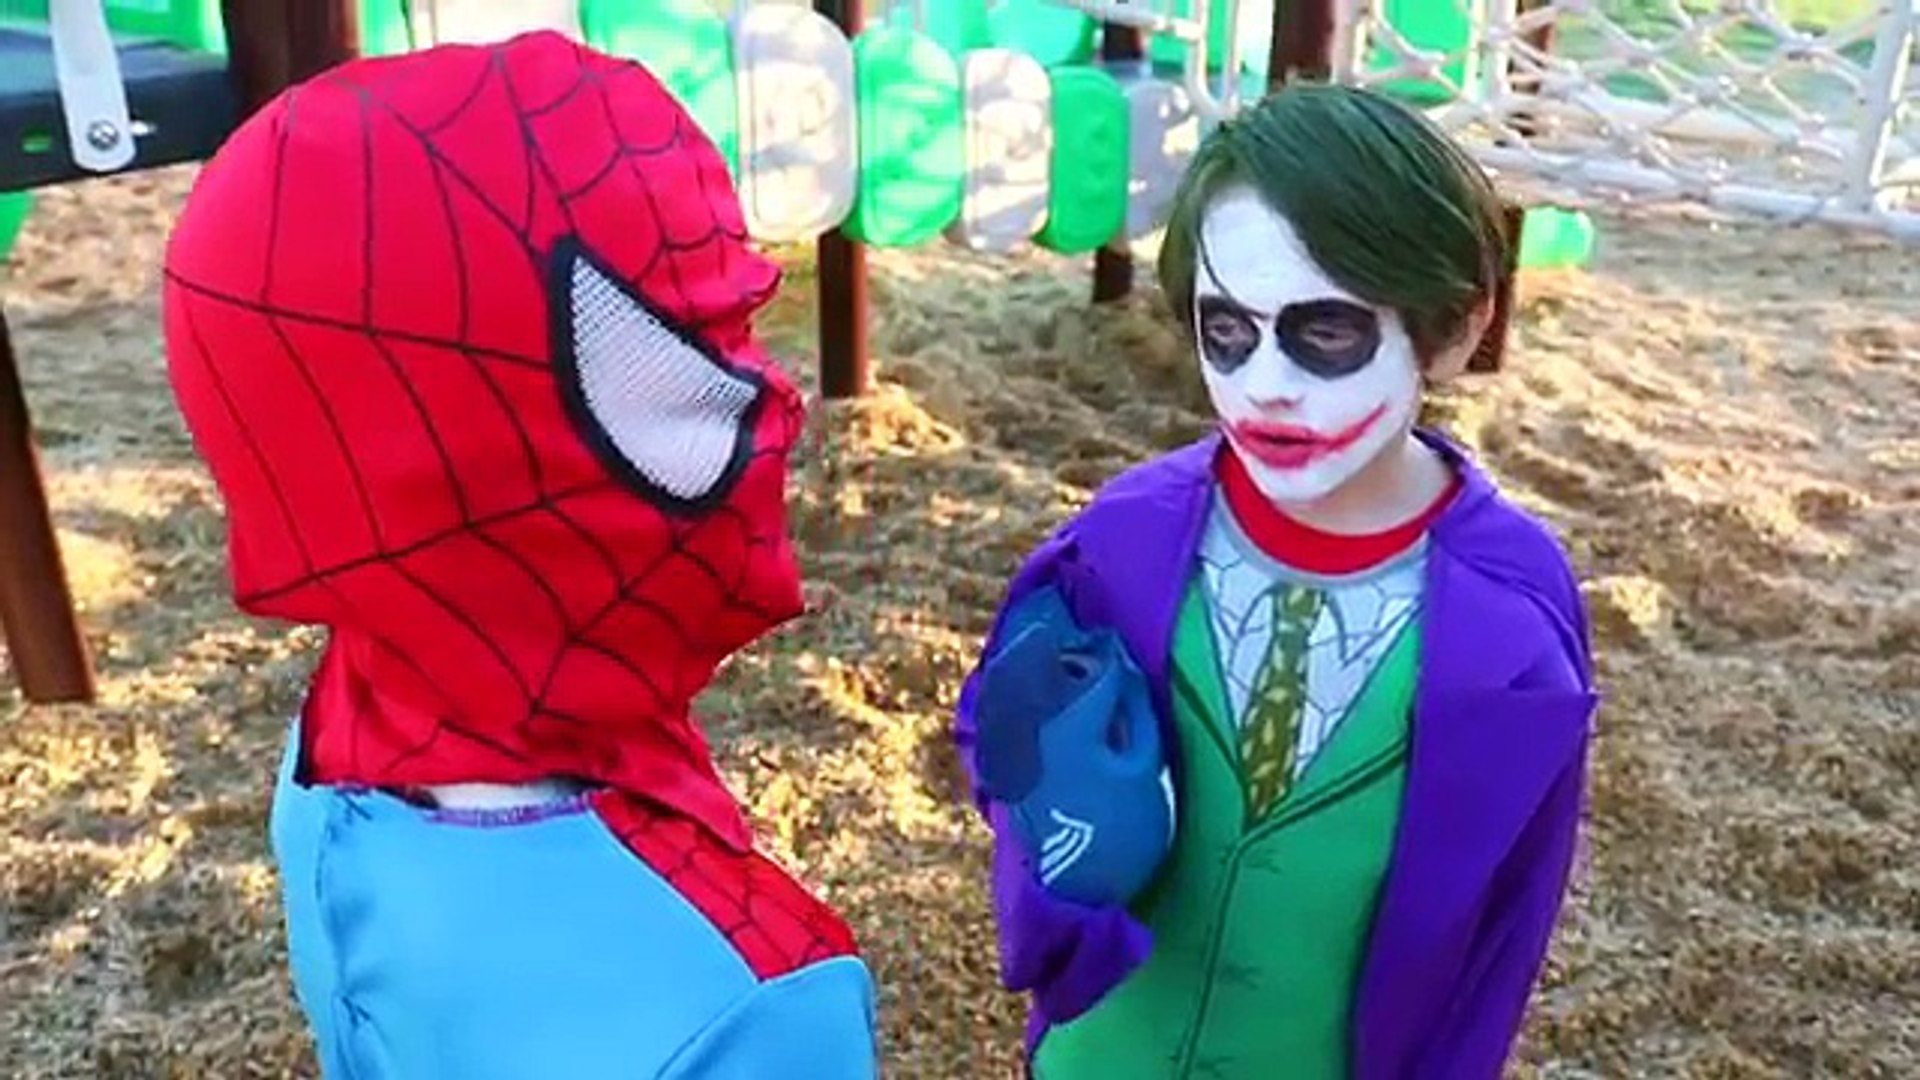 Little Heroes The Joker Vs Spiderman Captain America In Real Life Superhero Battle 動画 Dailymotion